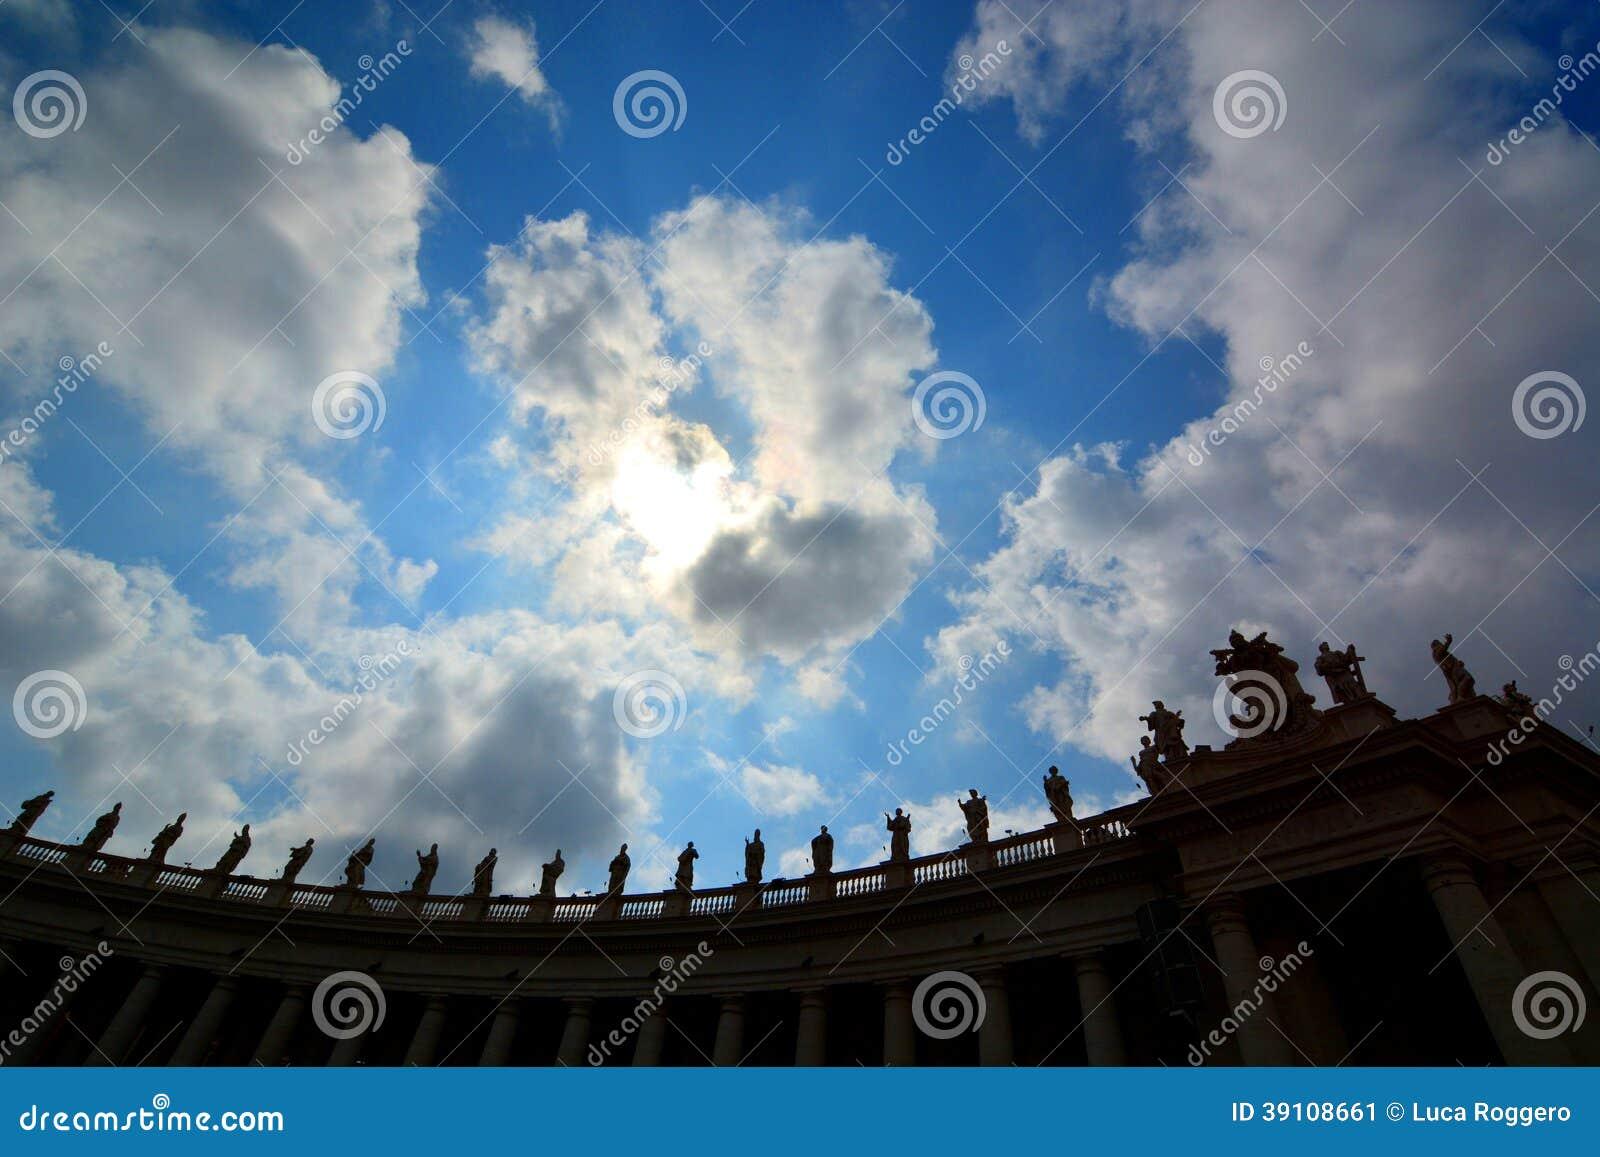 St. Peter standbeeldensilhouet. De Stad van Vatikaan